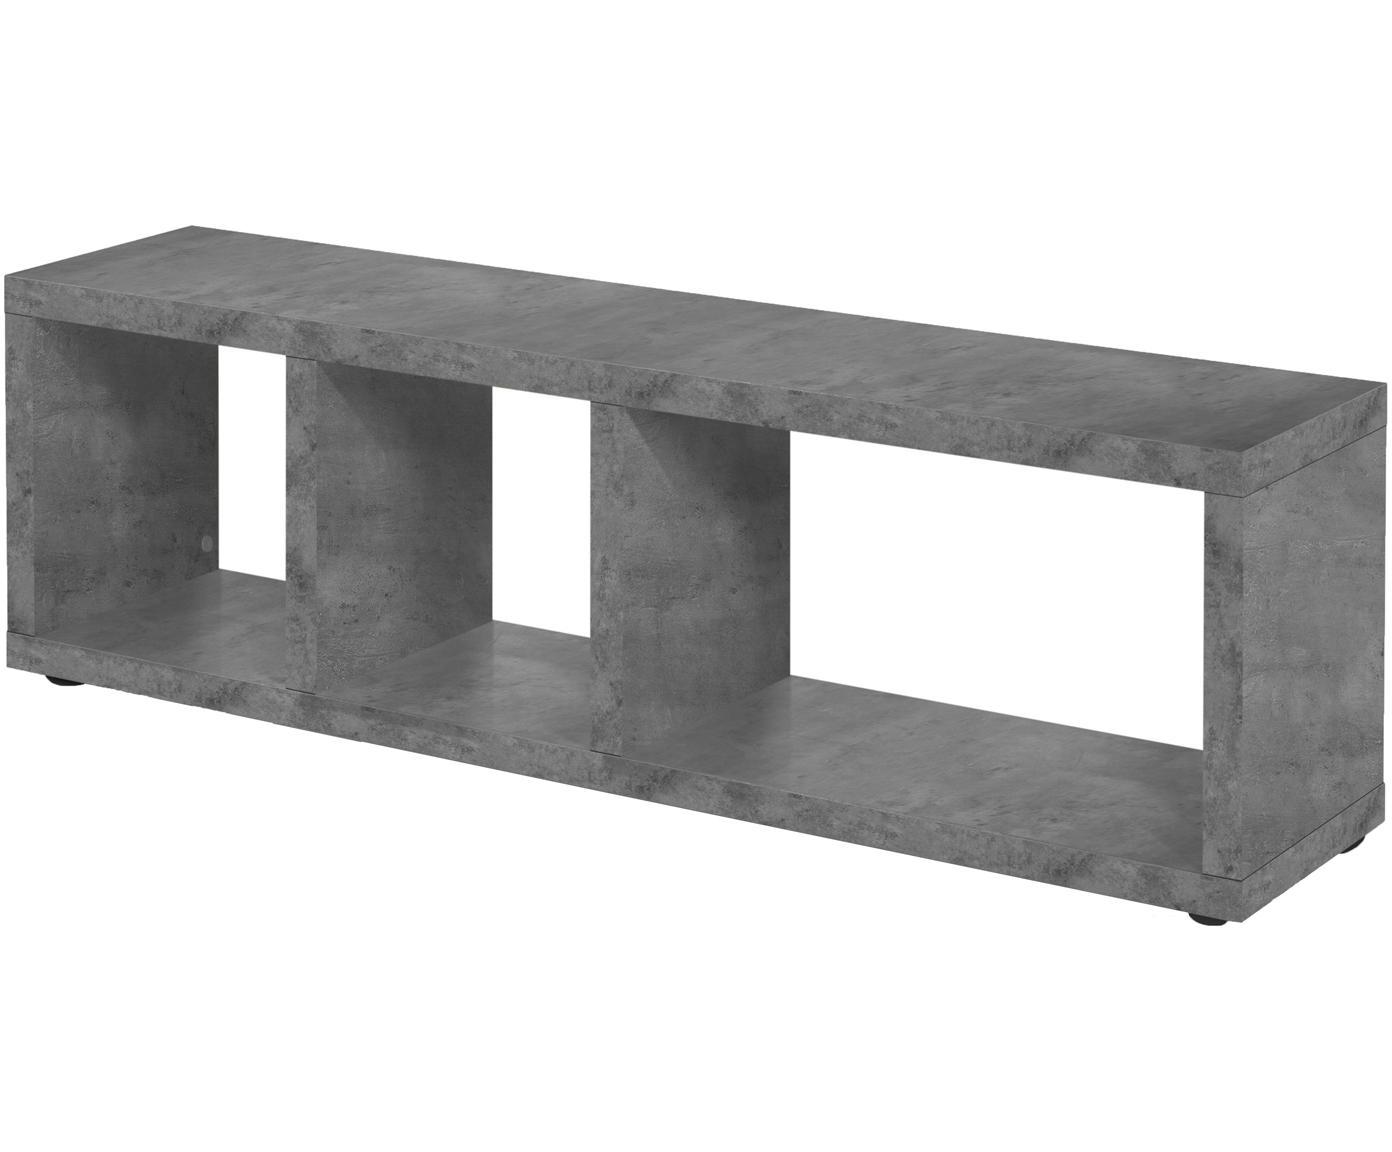 Szafka RTV z imitacji betonu Berlin, Korpus: płyta wiórowa o lekkiej s, Szary, S 150 x W 45 cm